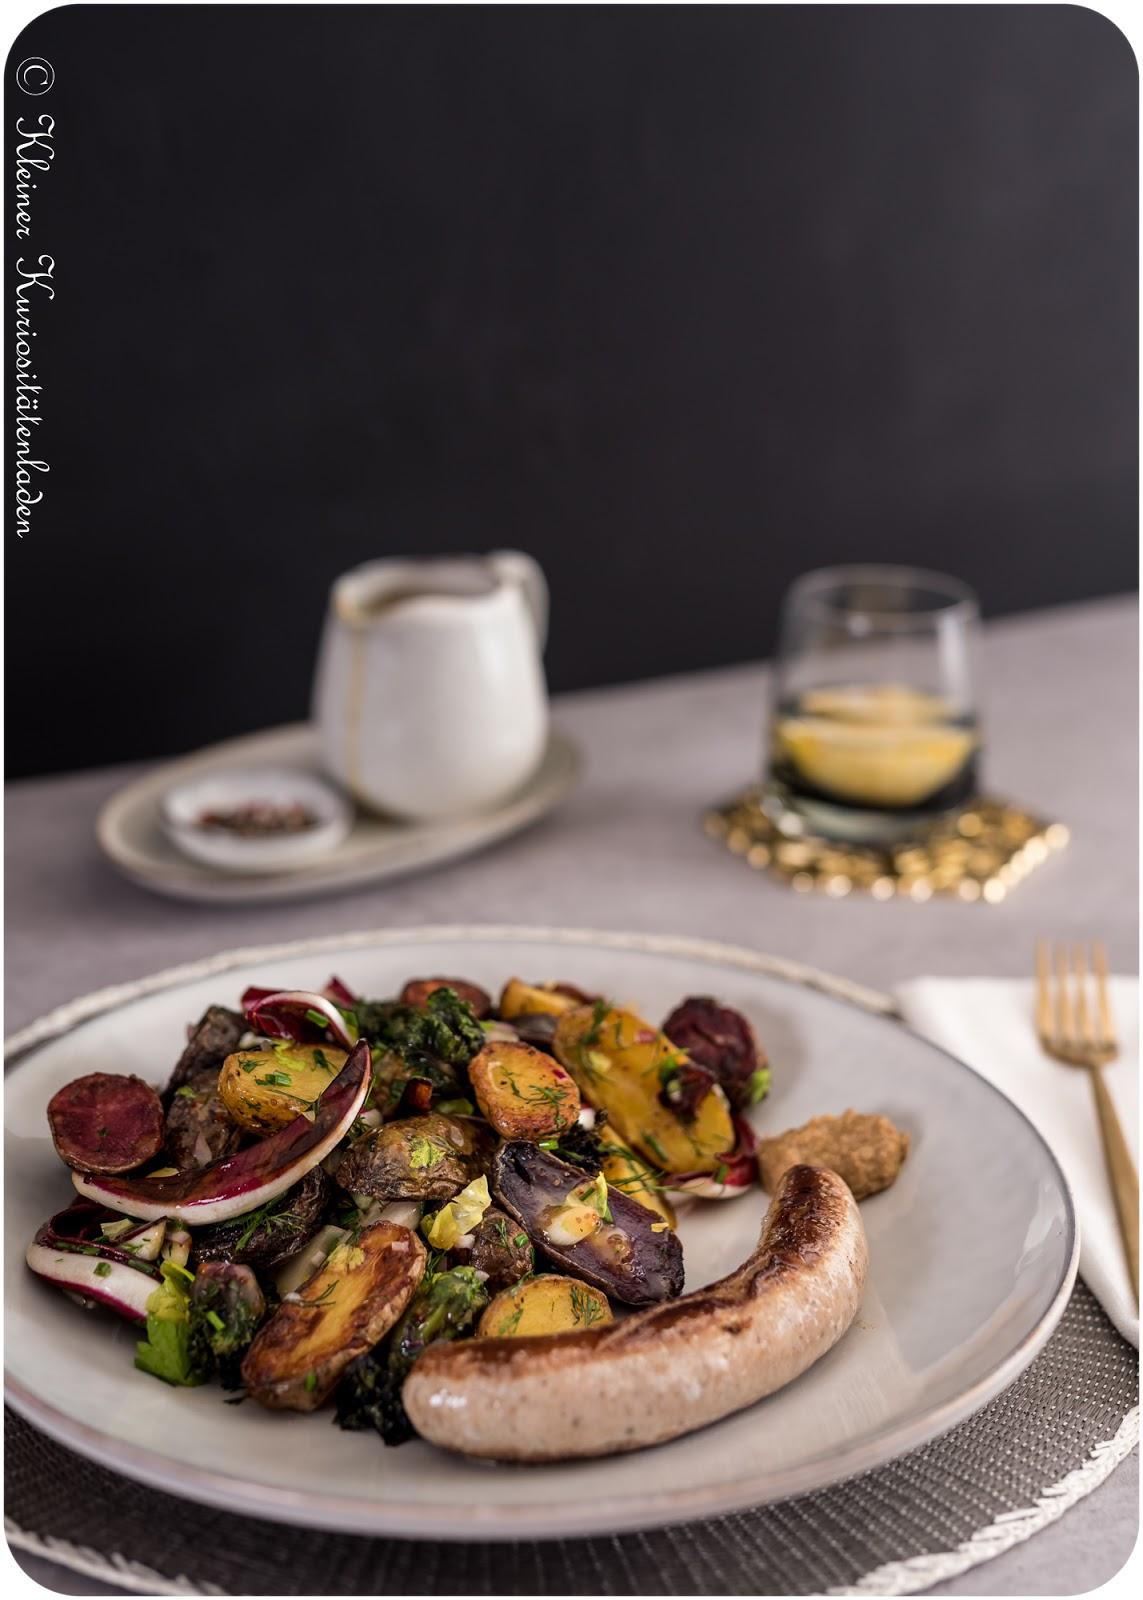 Röstkartoffelsalat mit Flower Sprouts und Radicchio